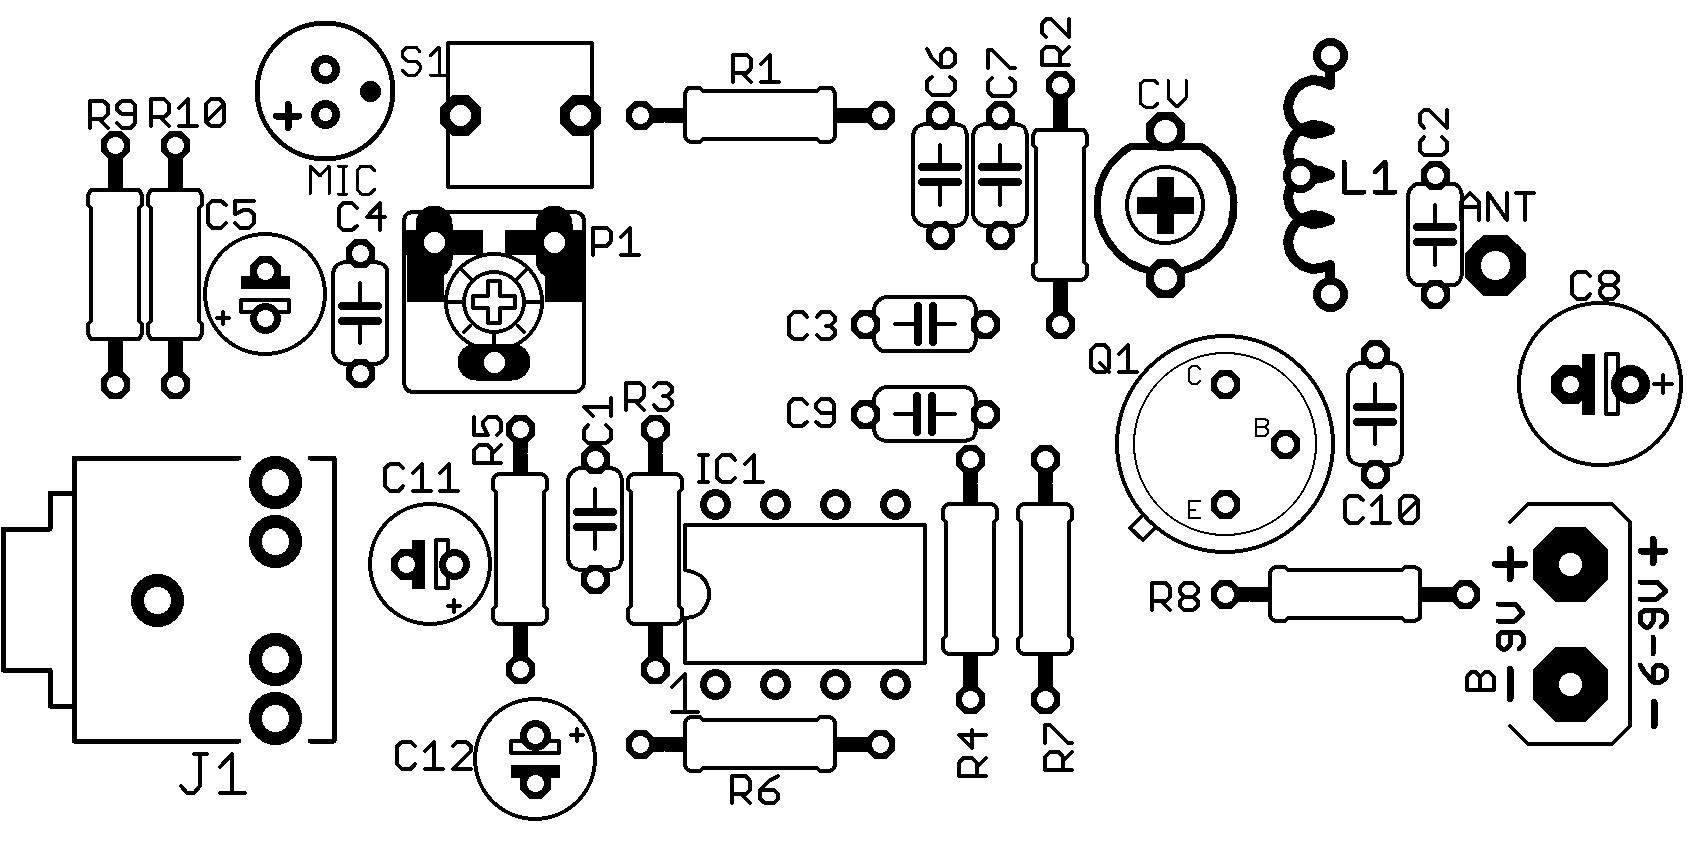 , Circuito de transmissor de FM com 2n2218 para celular